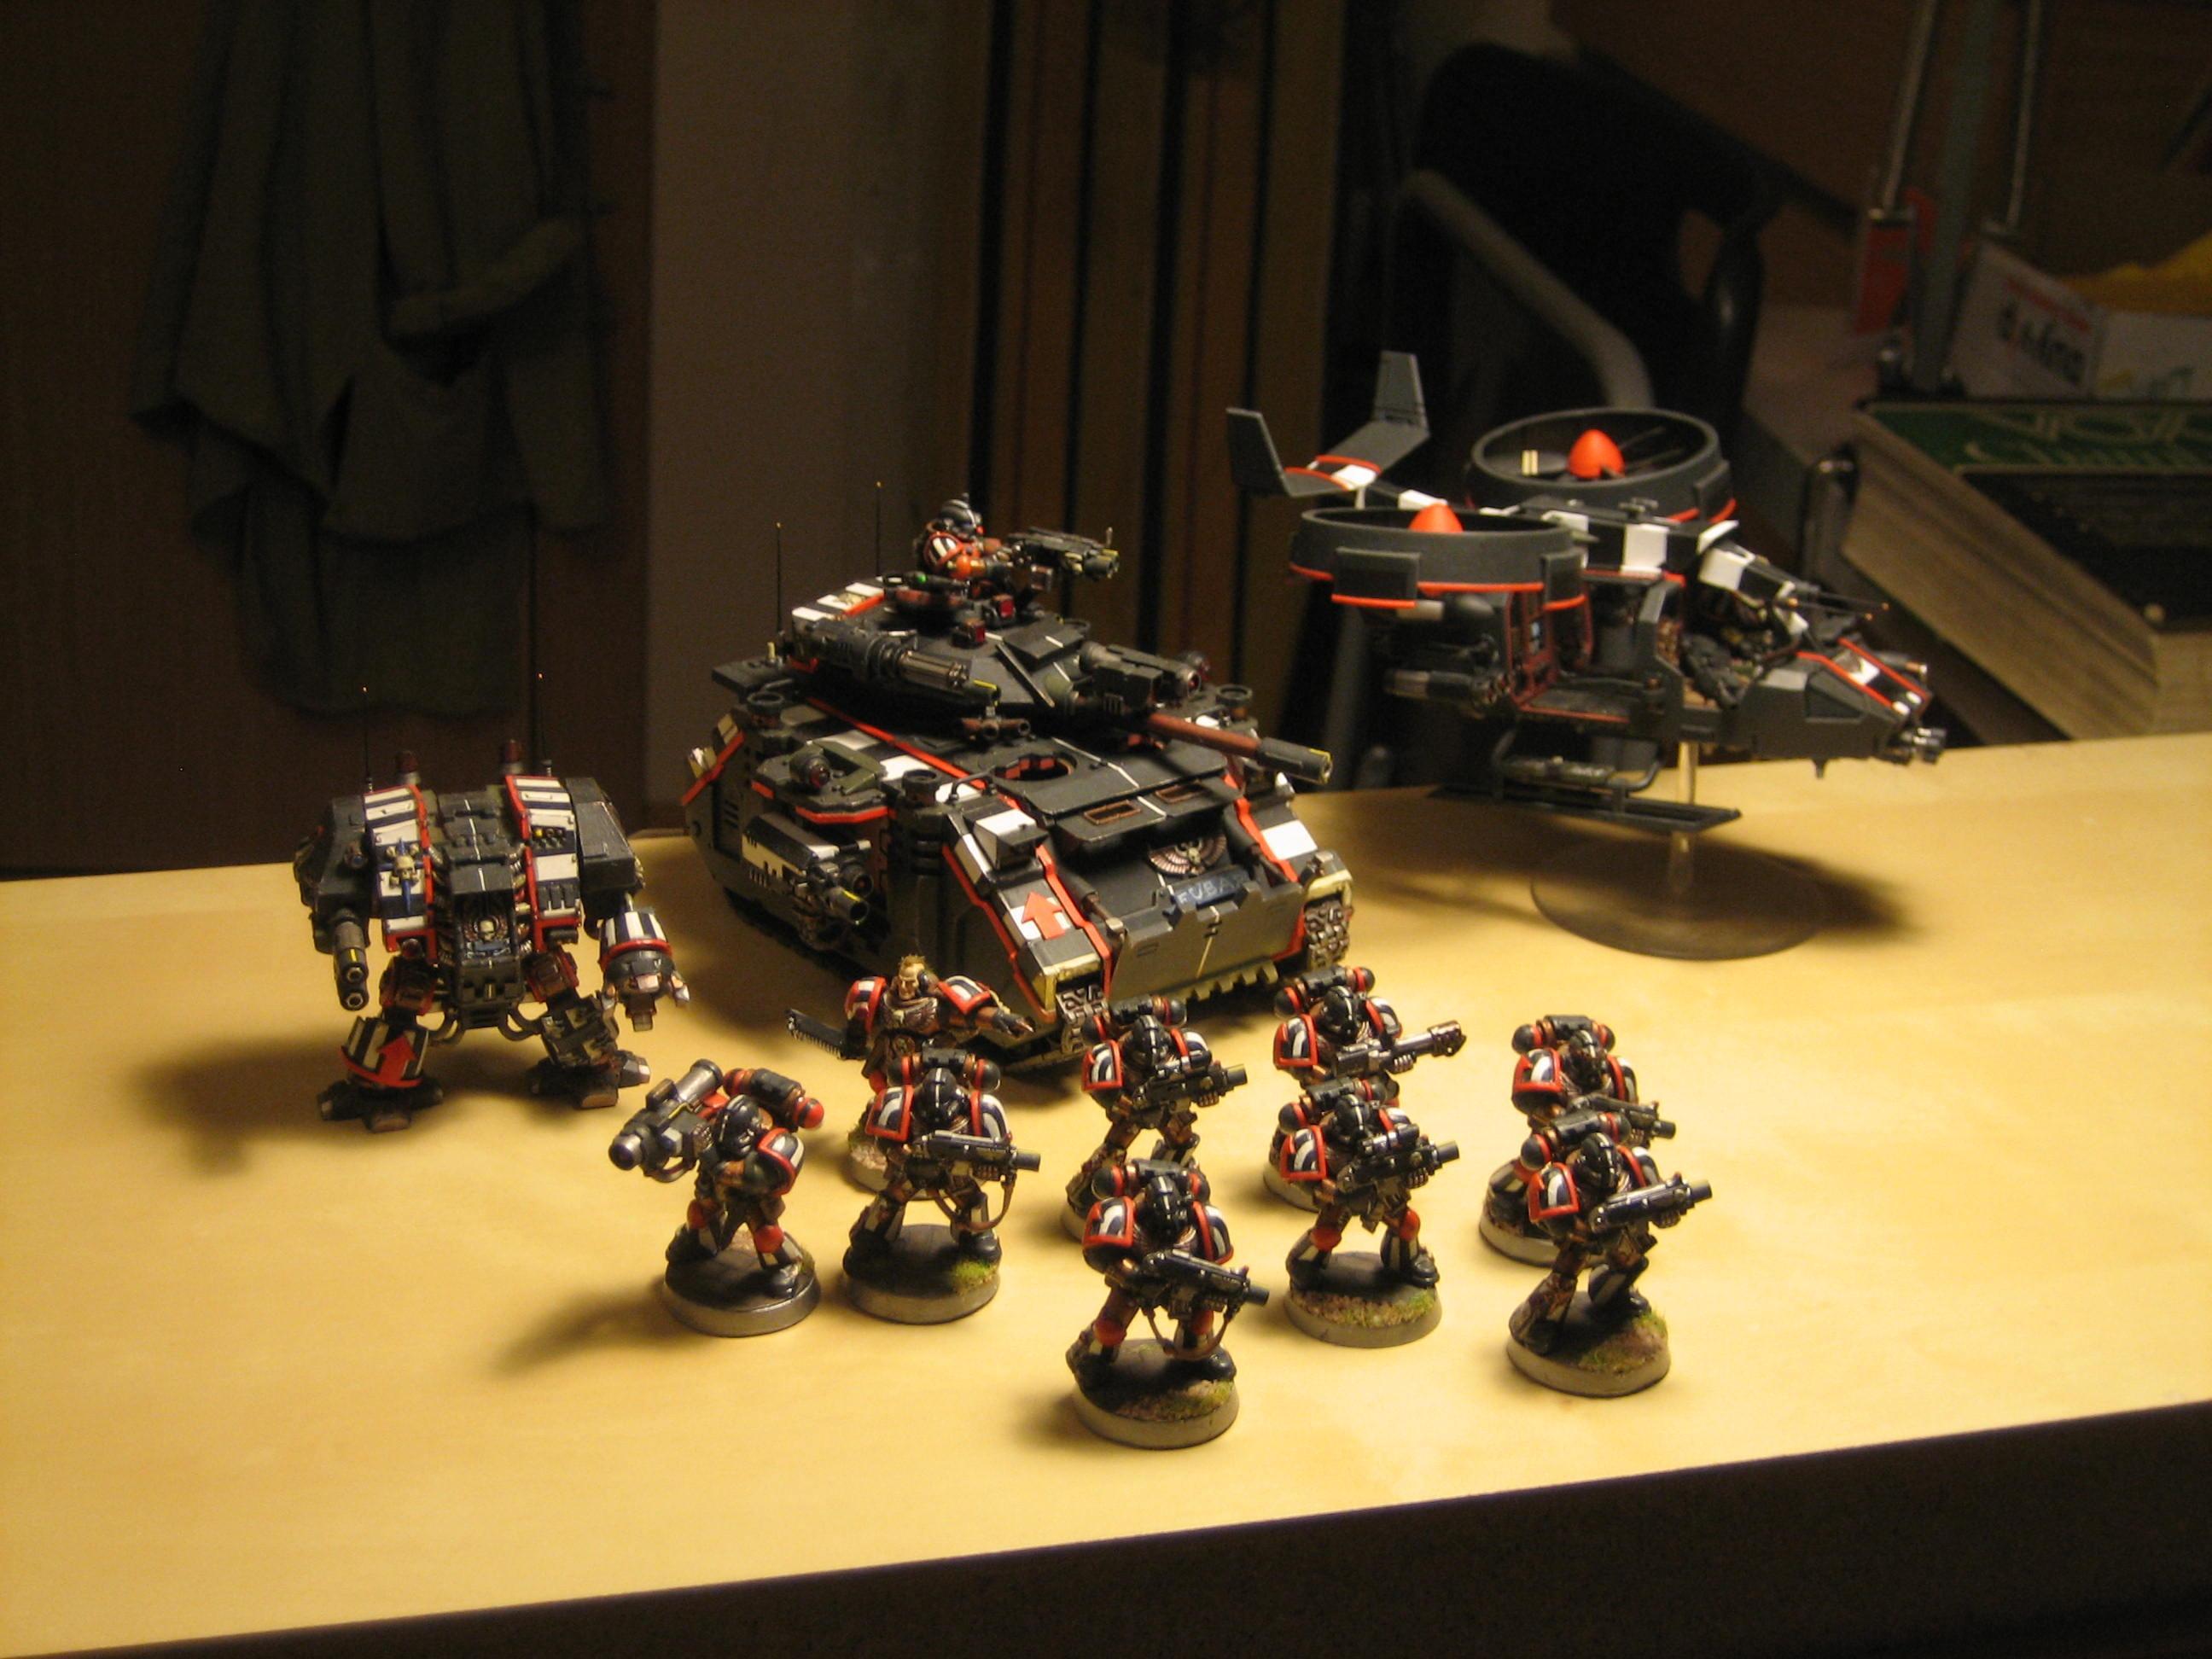 Land Speeder Storm, Predator, Space Marines